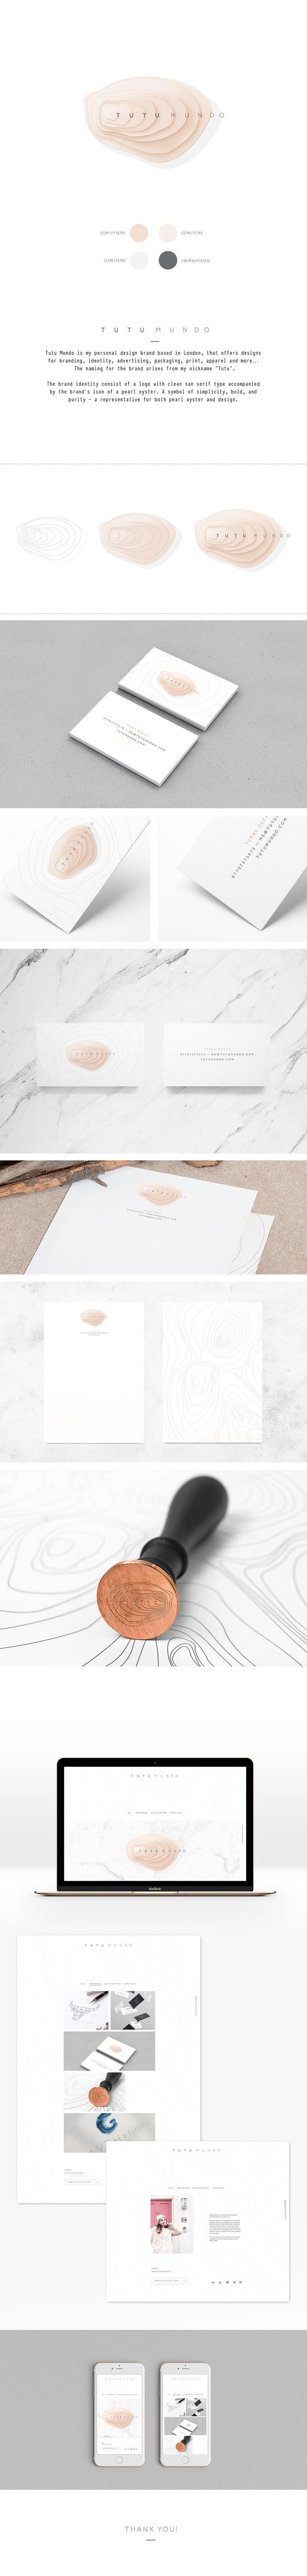 TUTU MUNDO Logo & Brand Identity on Behance